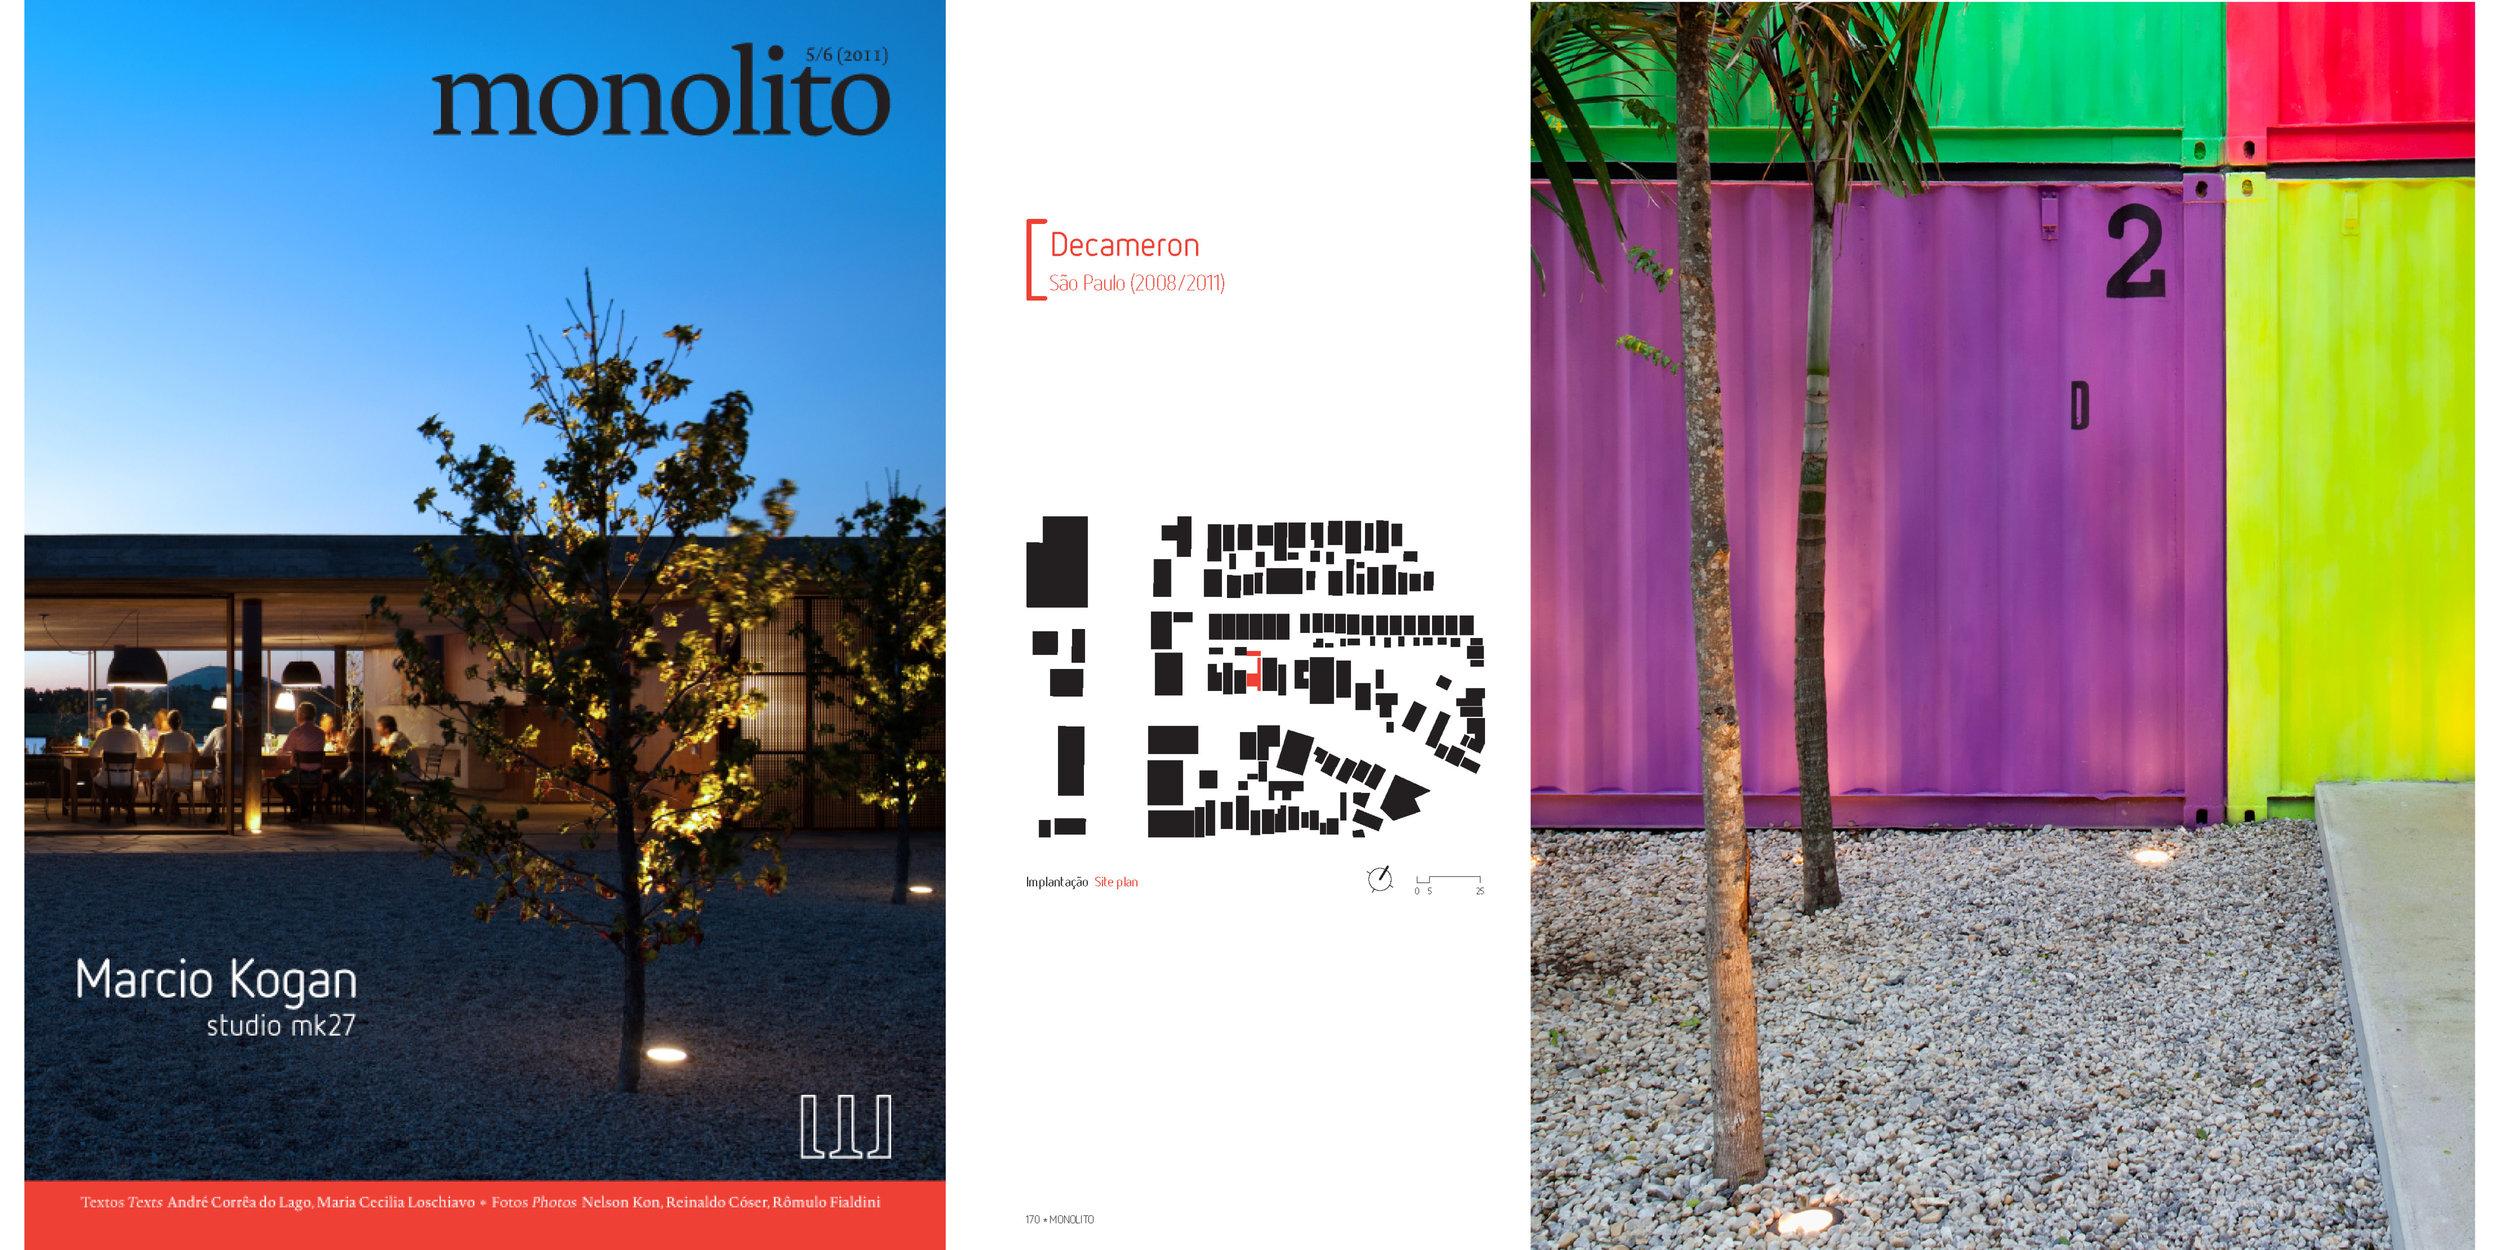 carrossel_jornais,livros,revistas-4.jpg